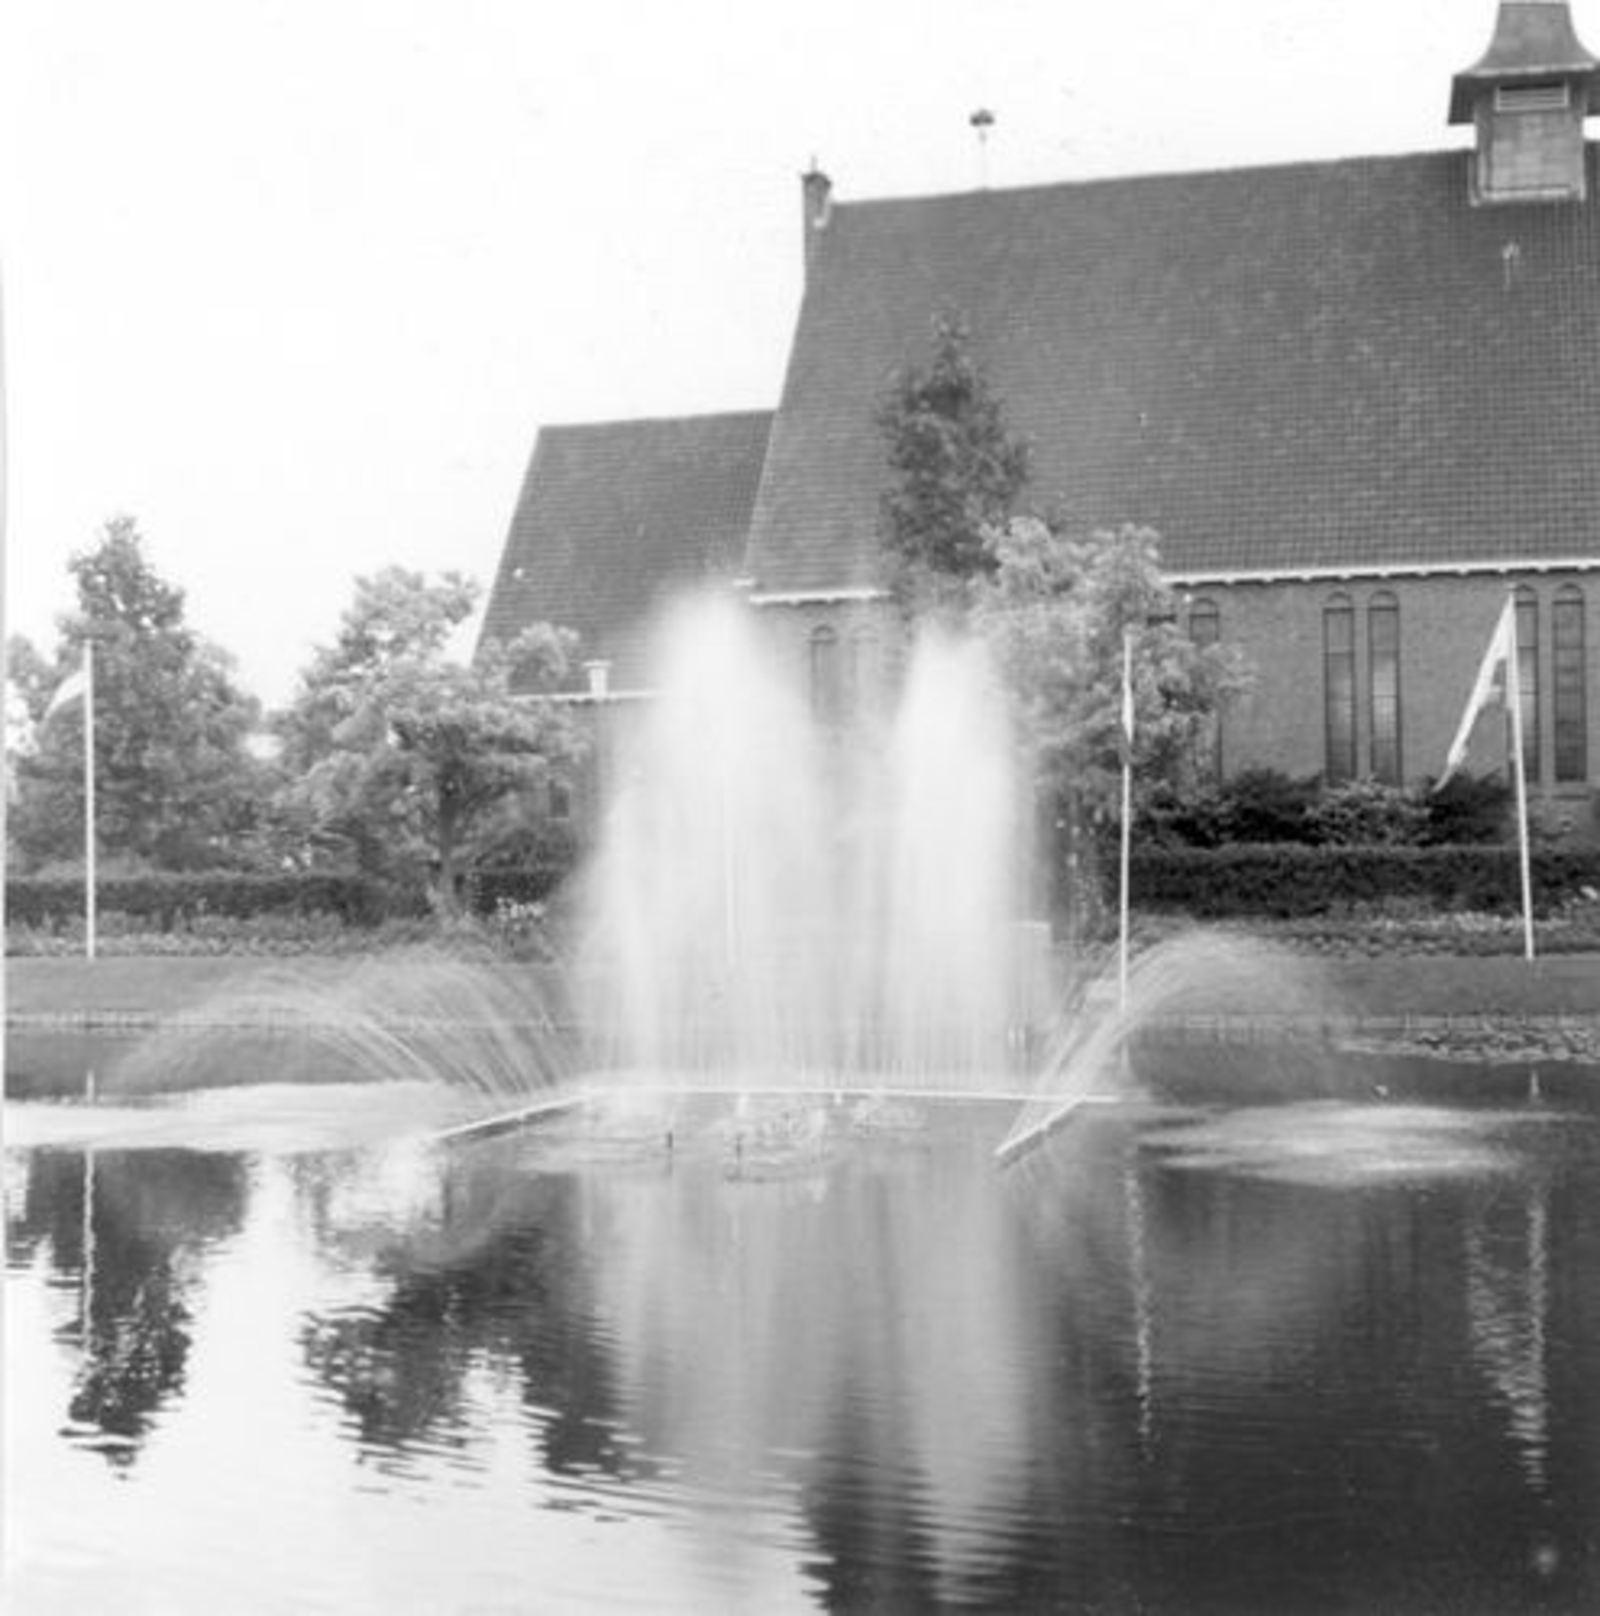 Havikstraat 0005 1960± Fontein bij Geref Kerk